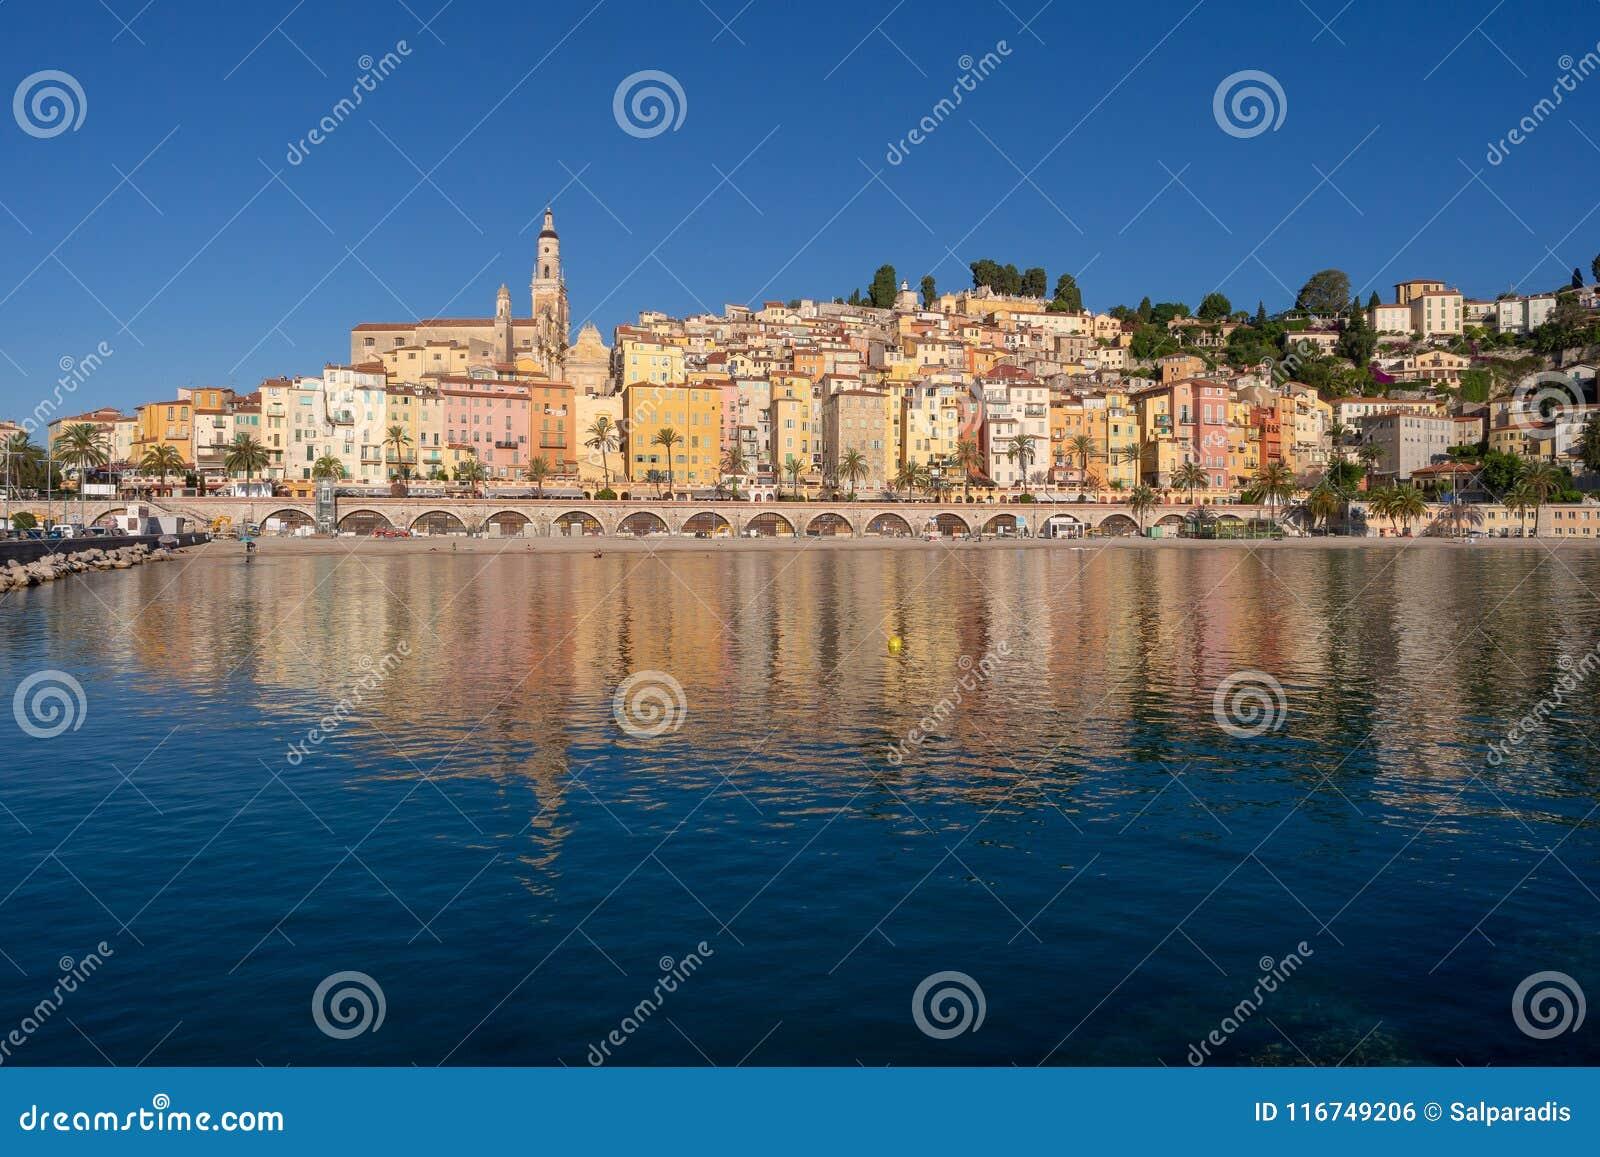 Menton auf französischem Riviera